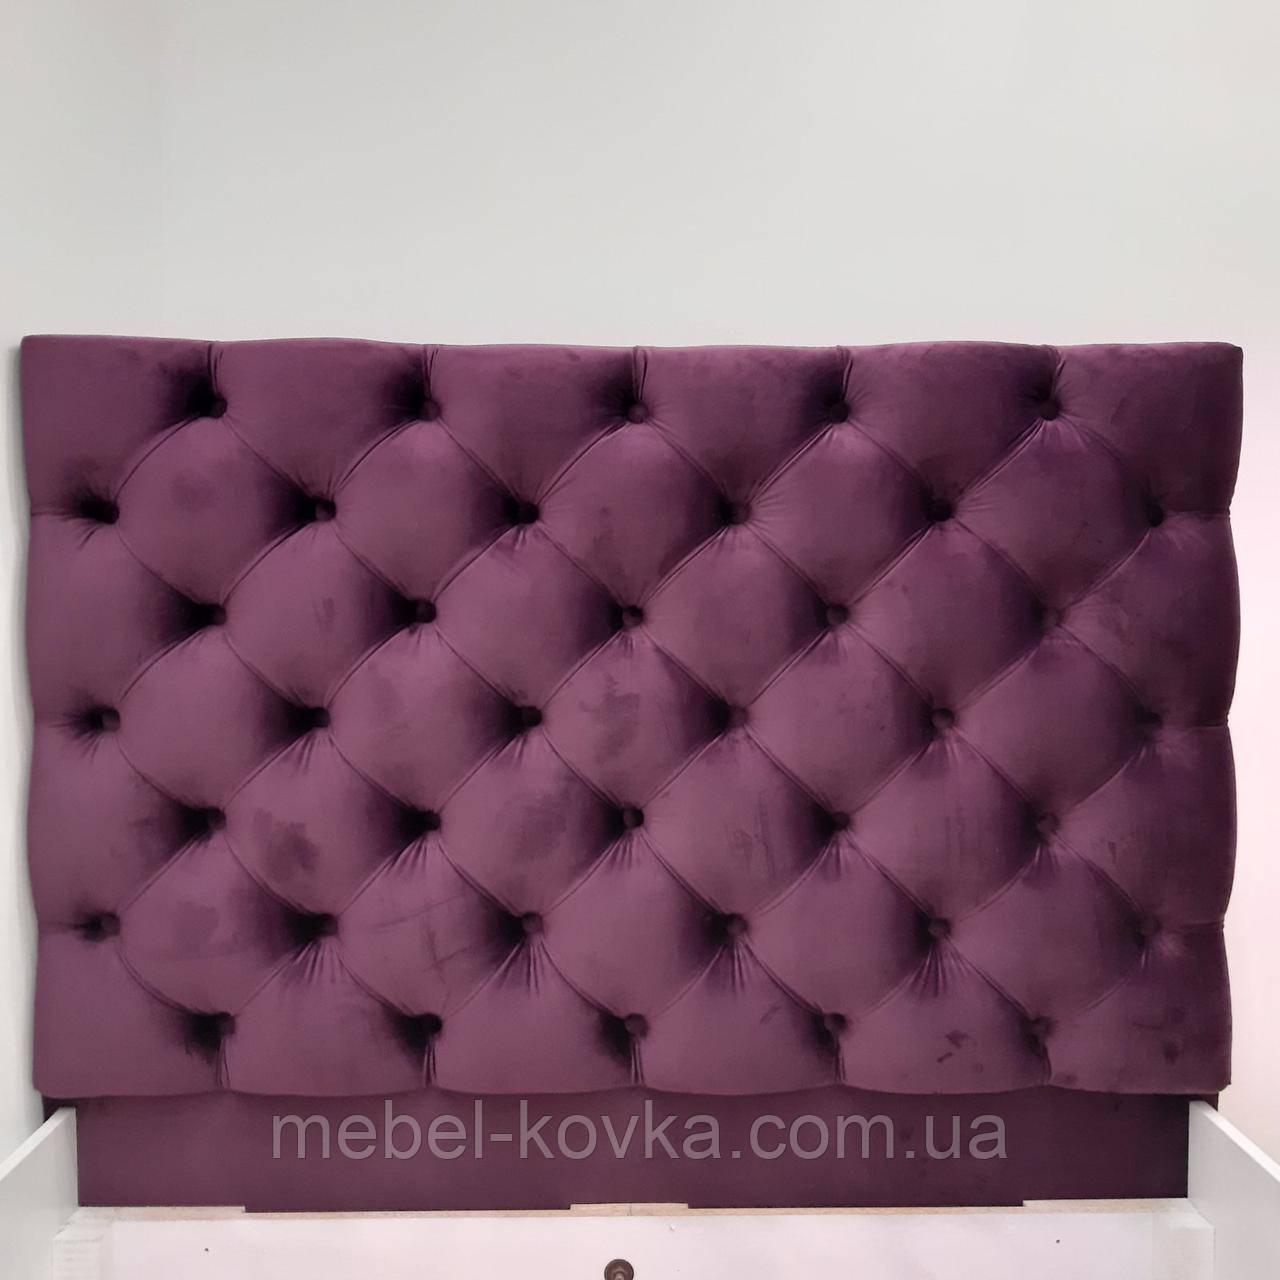 Изголовье для кровати с каретной стяжкой 128 на 120 см толщина поролона 7 см велюр